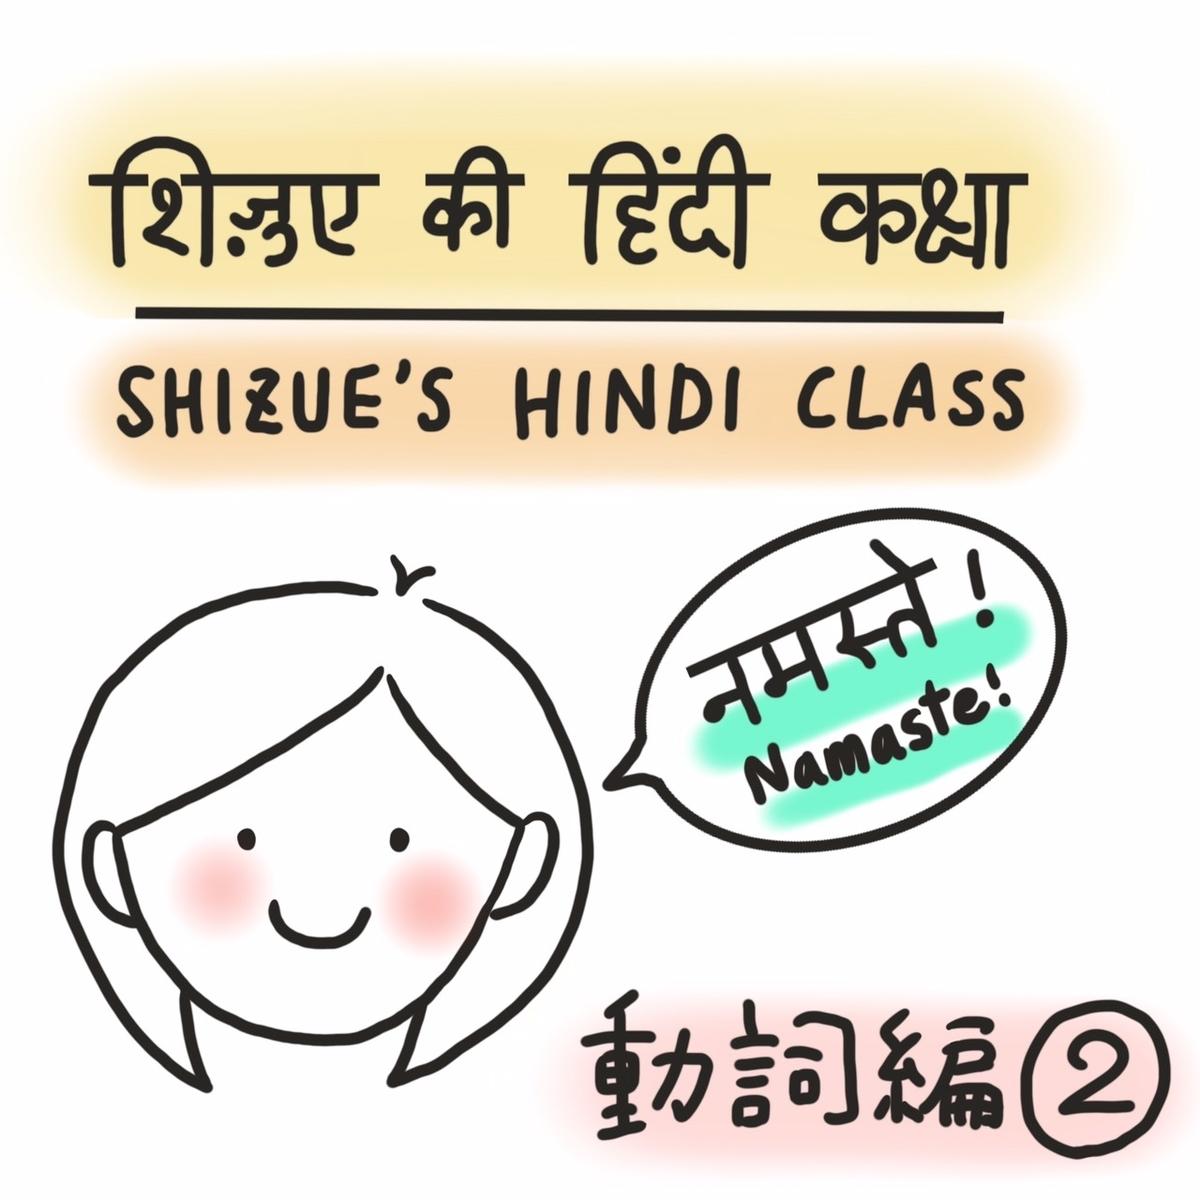 f:id:shinshizue:20200325071752j:plain